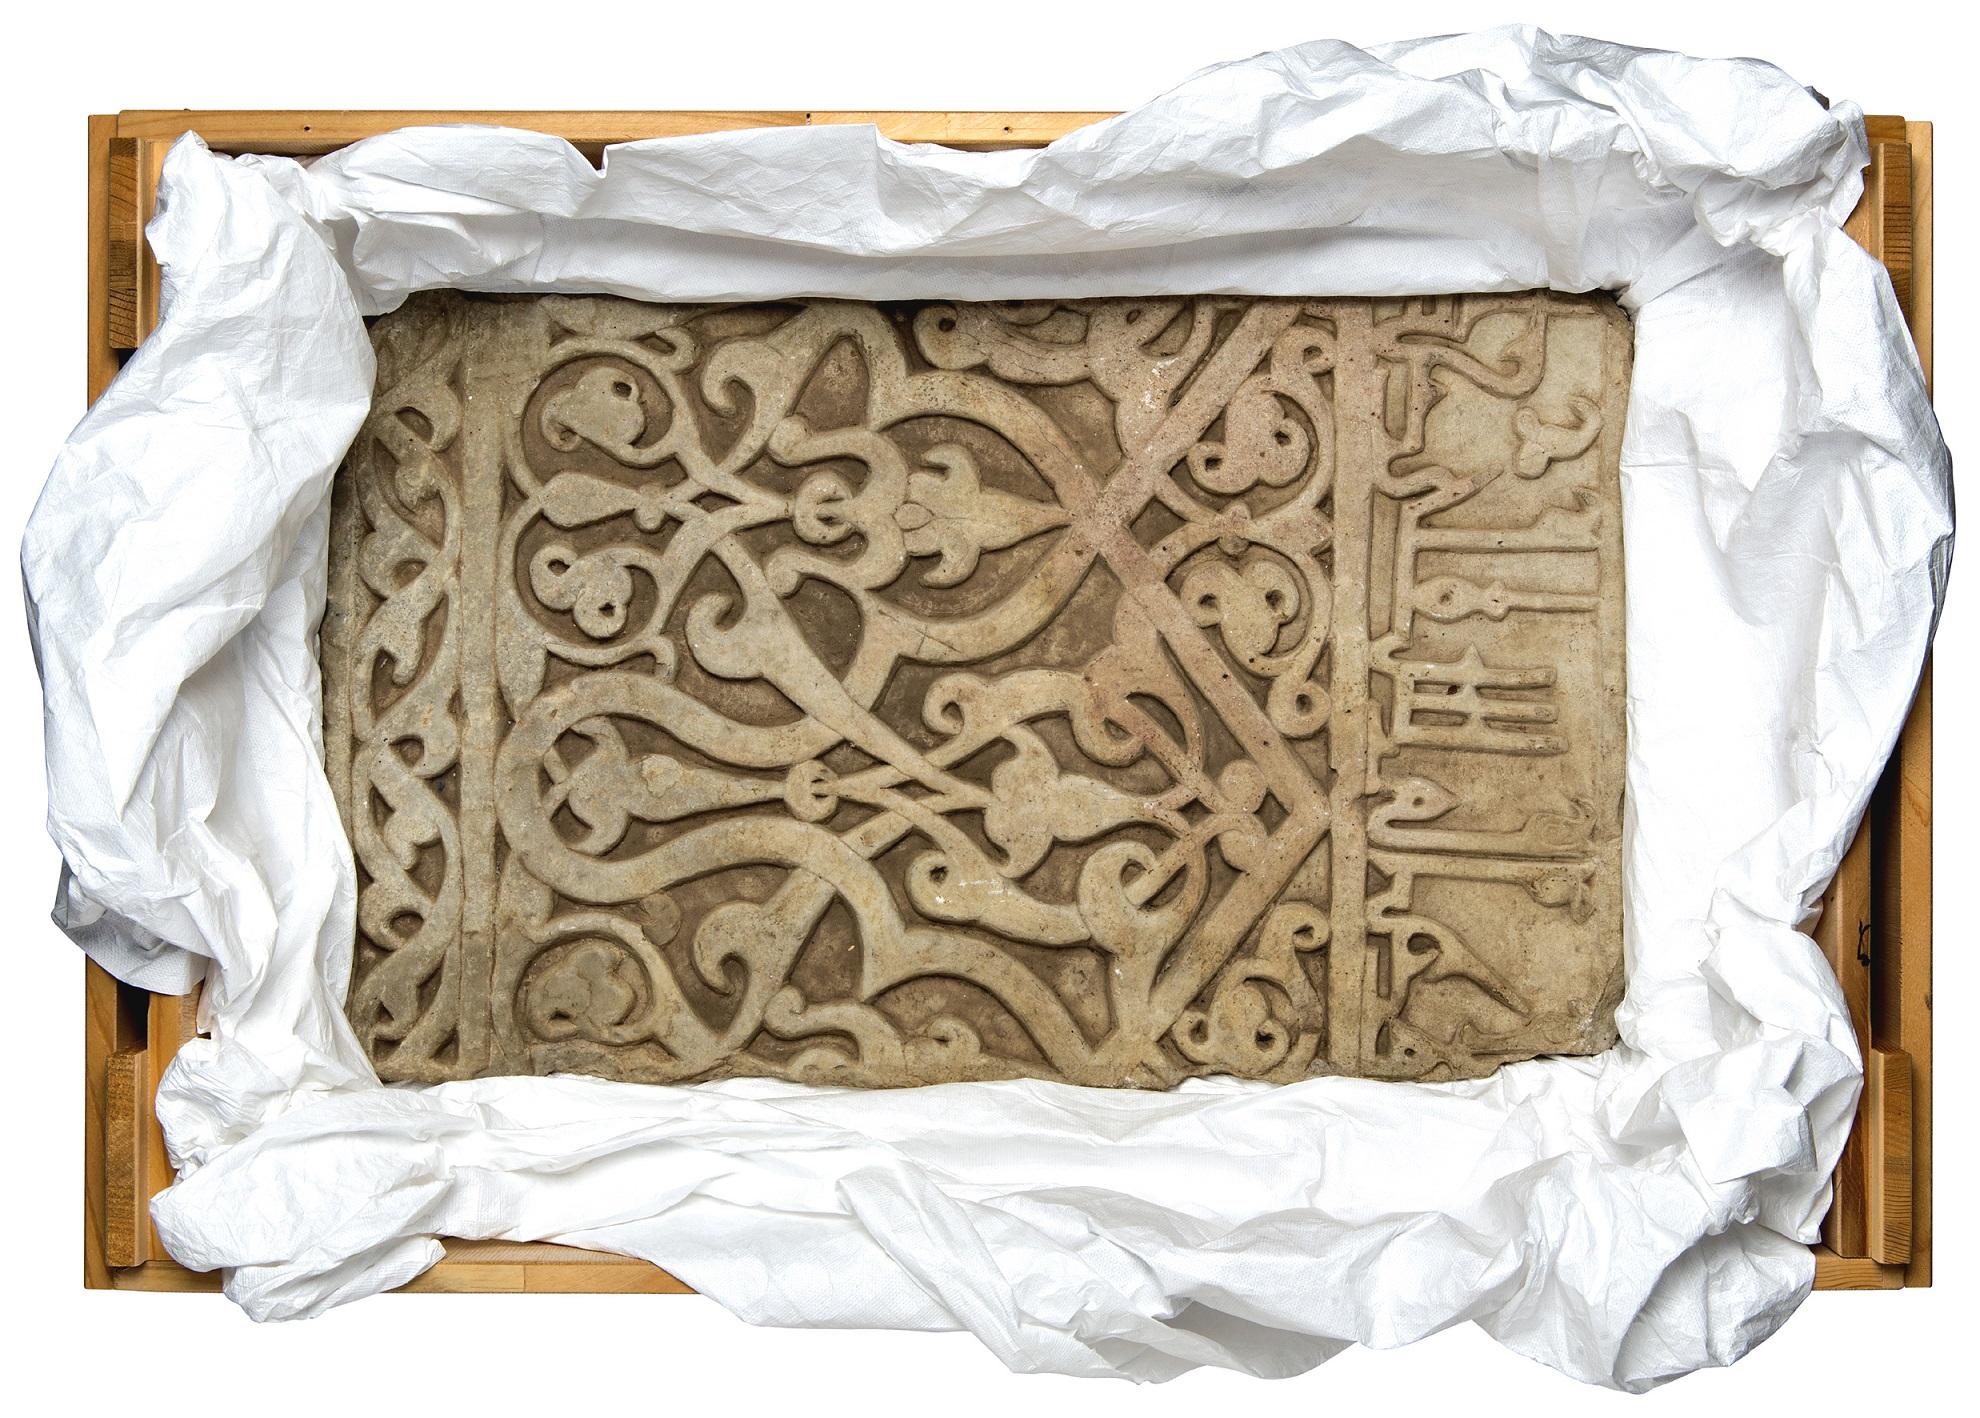 Museum gibt Wandpaneel aus Marmor an Afghanistan zurück